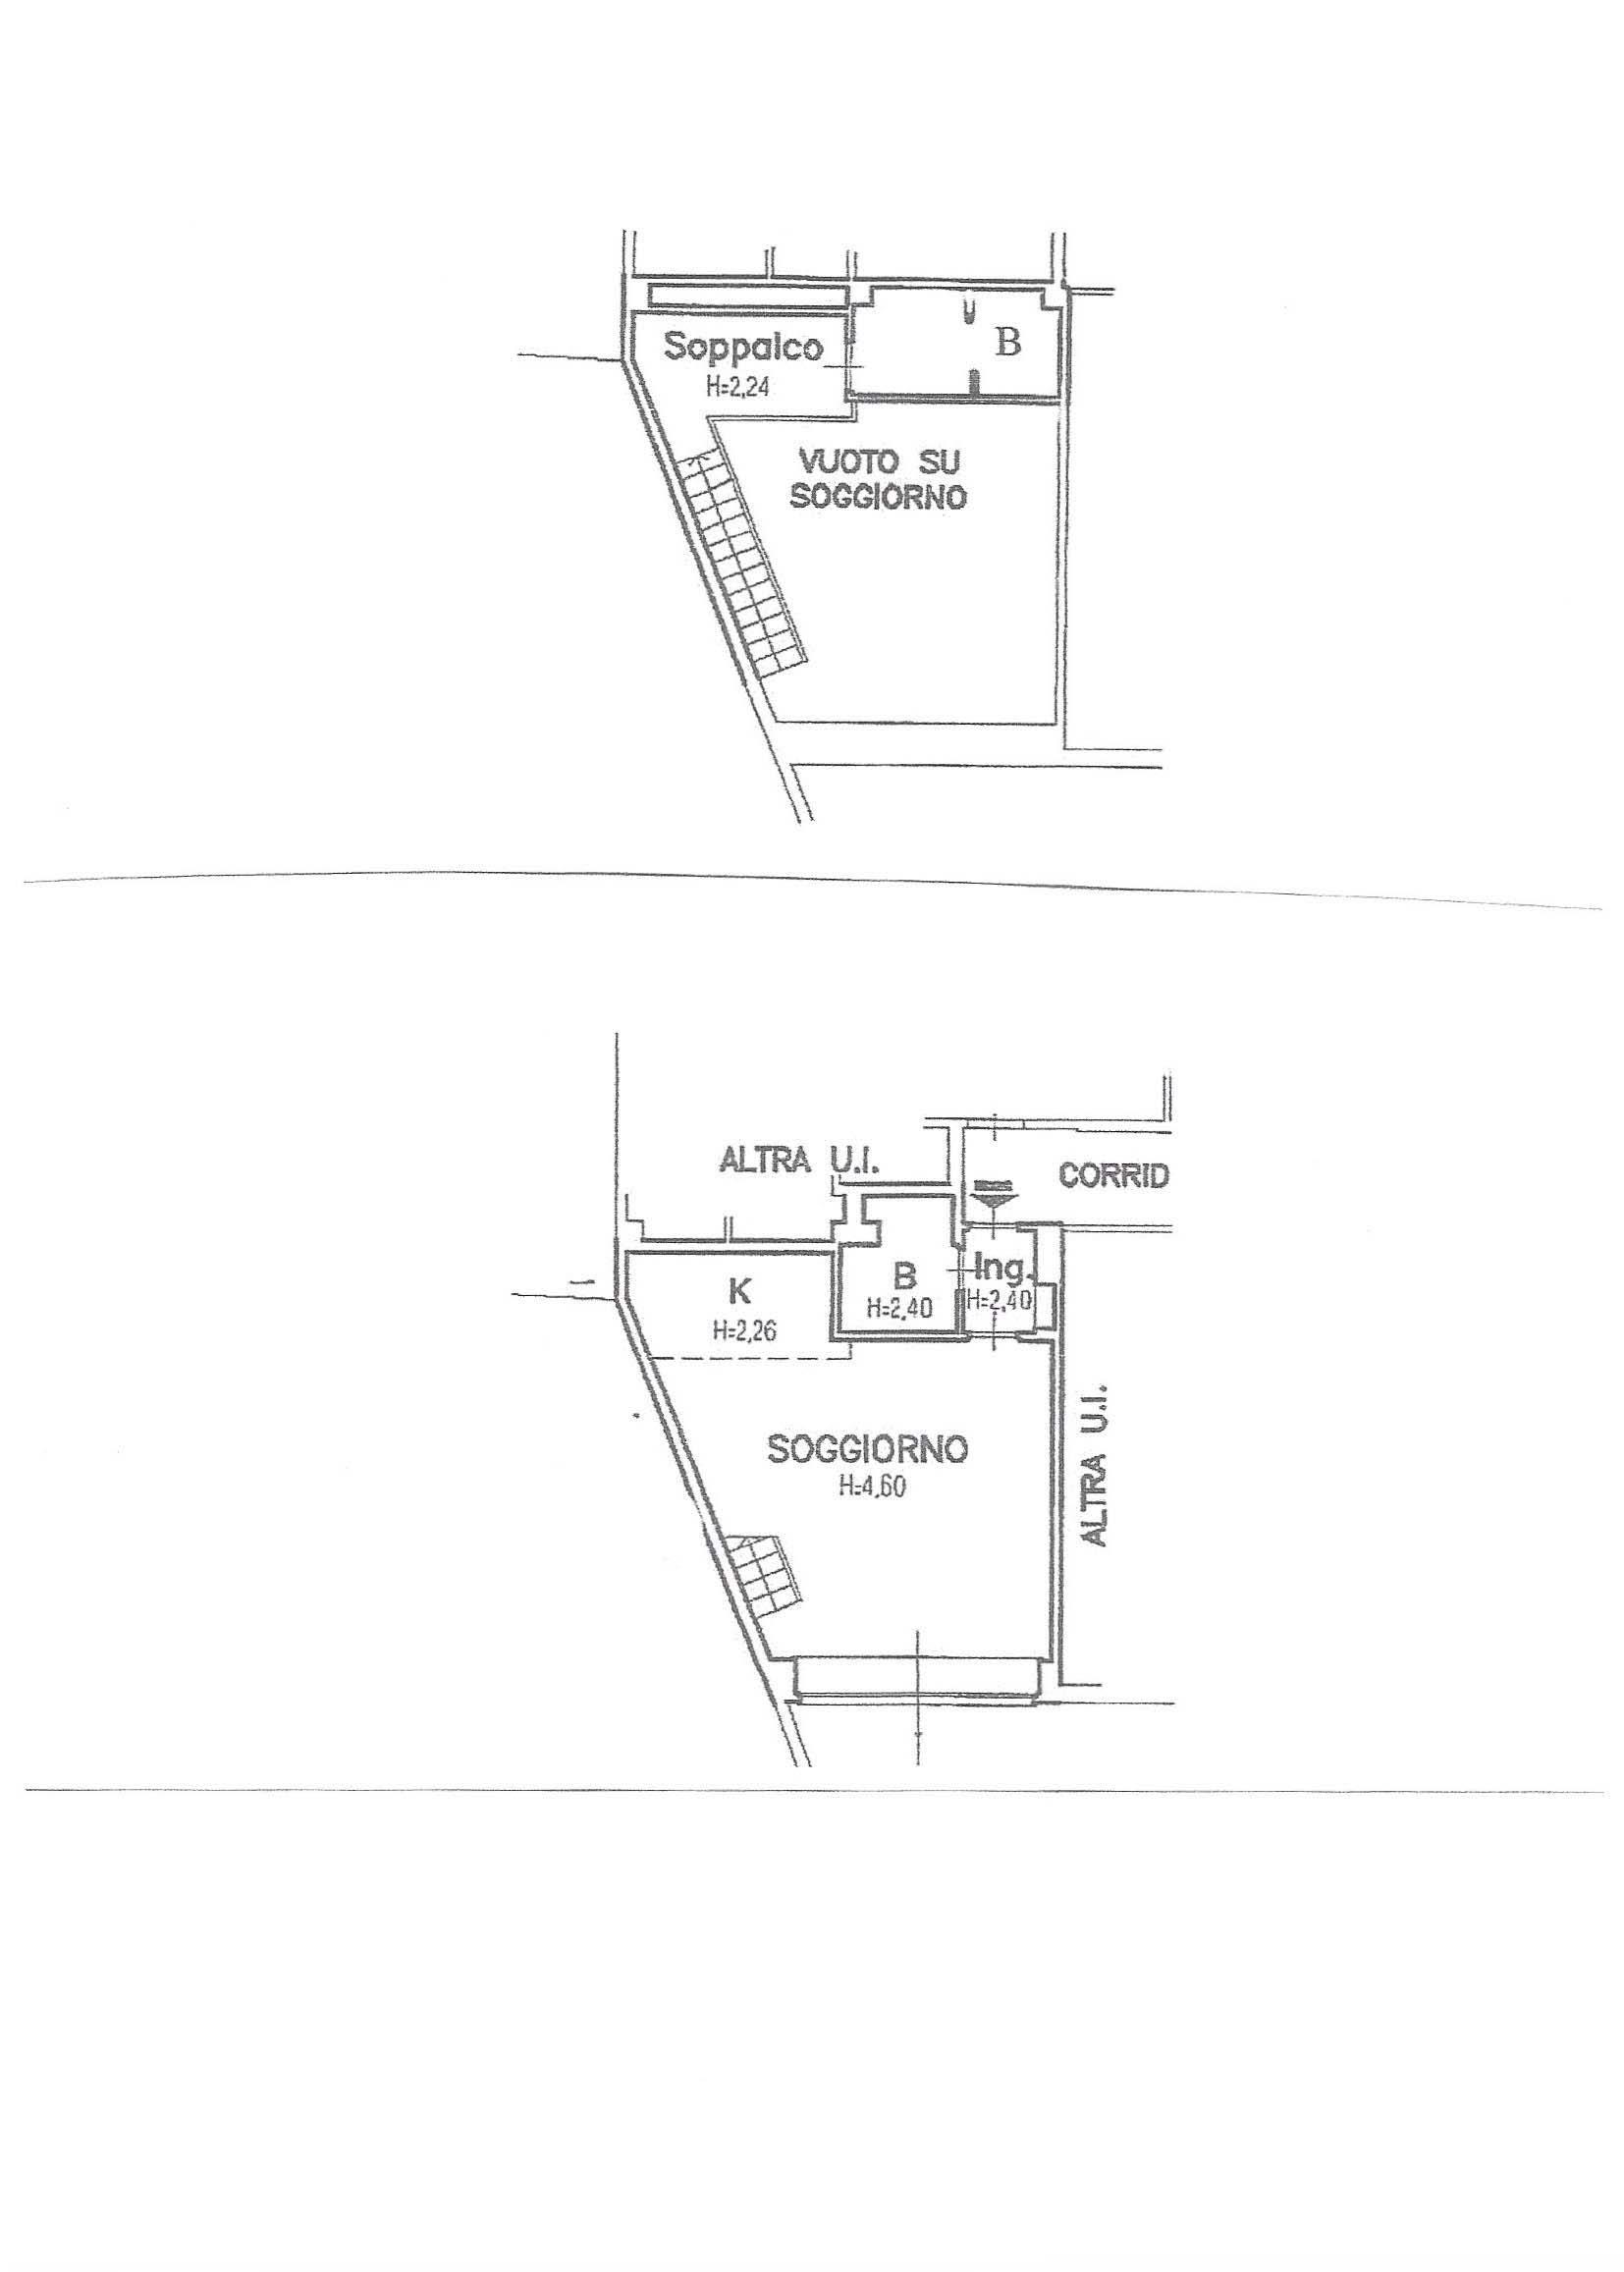 planimetrie/vHn3AOnzmC.jpg